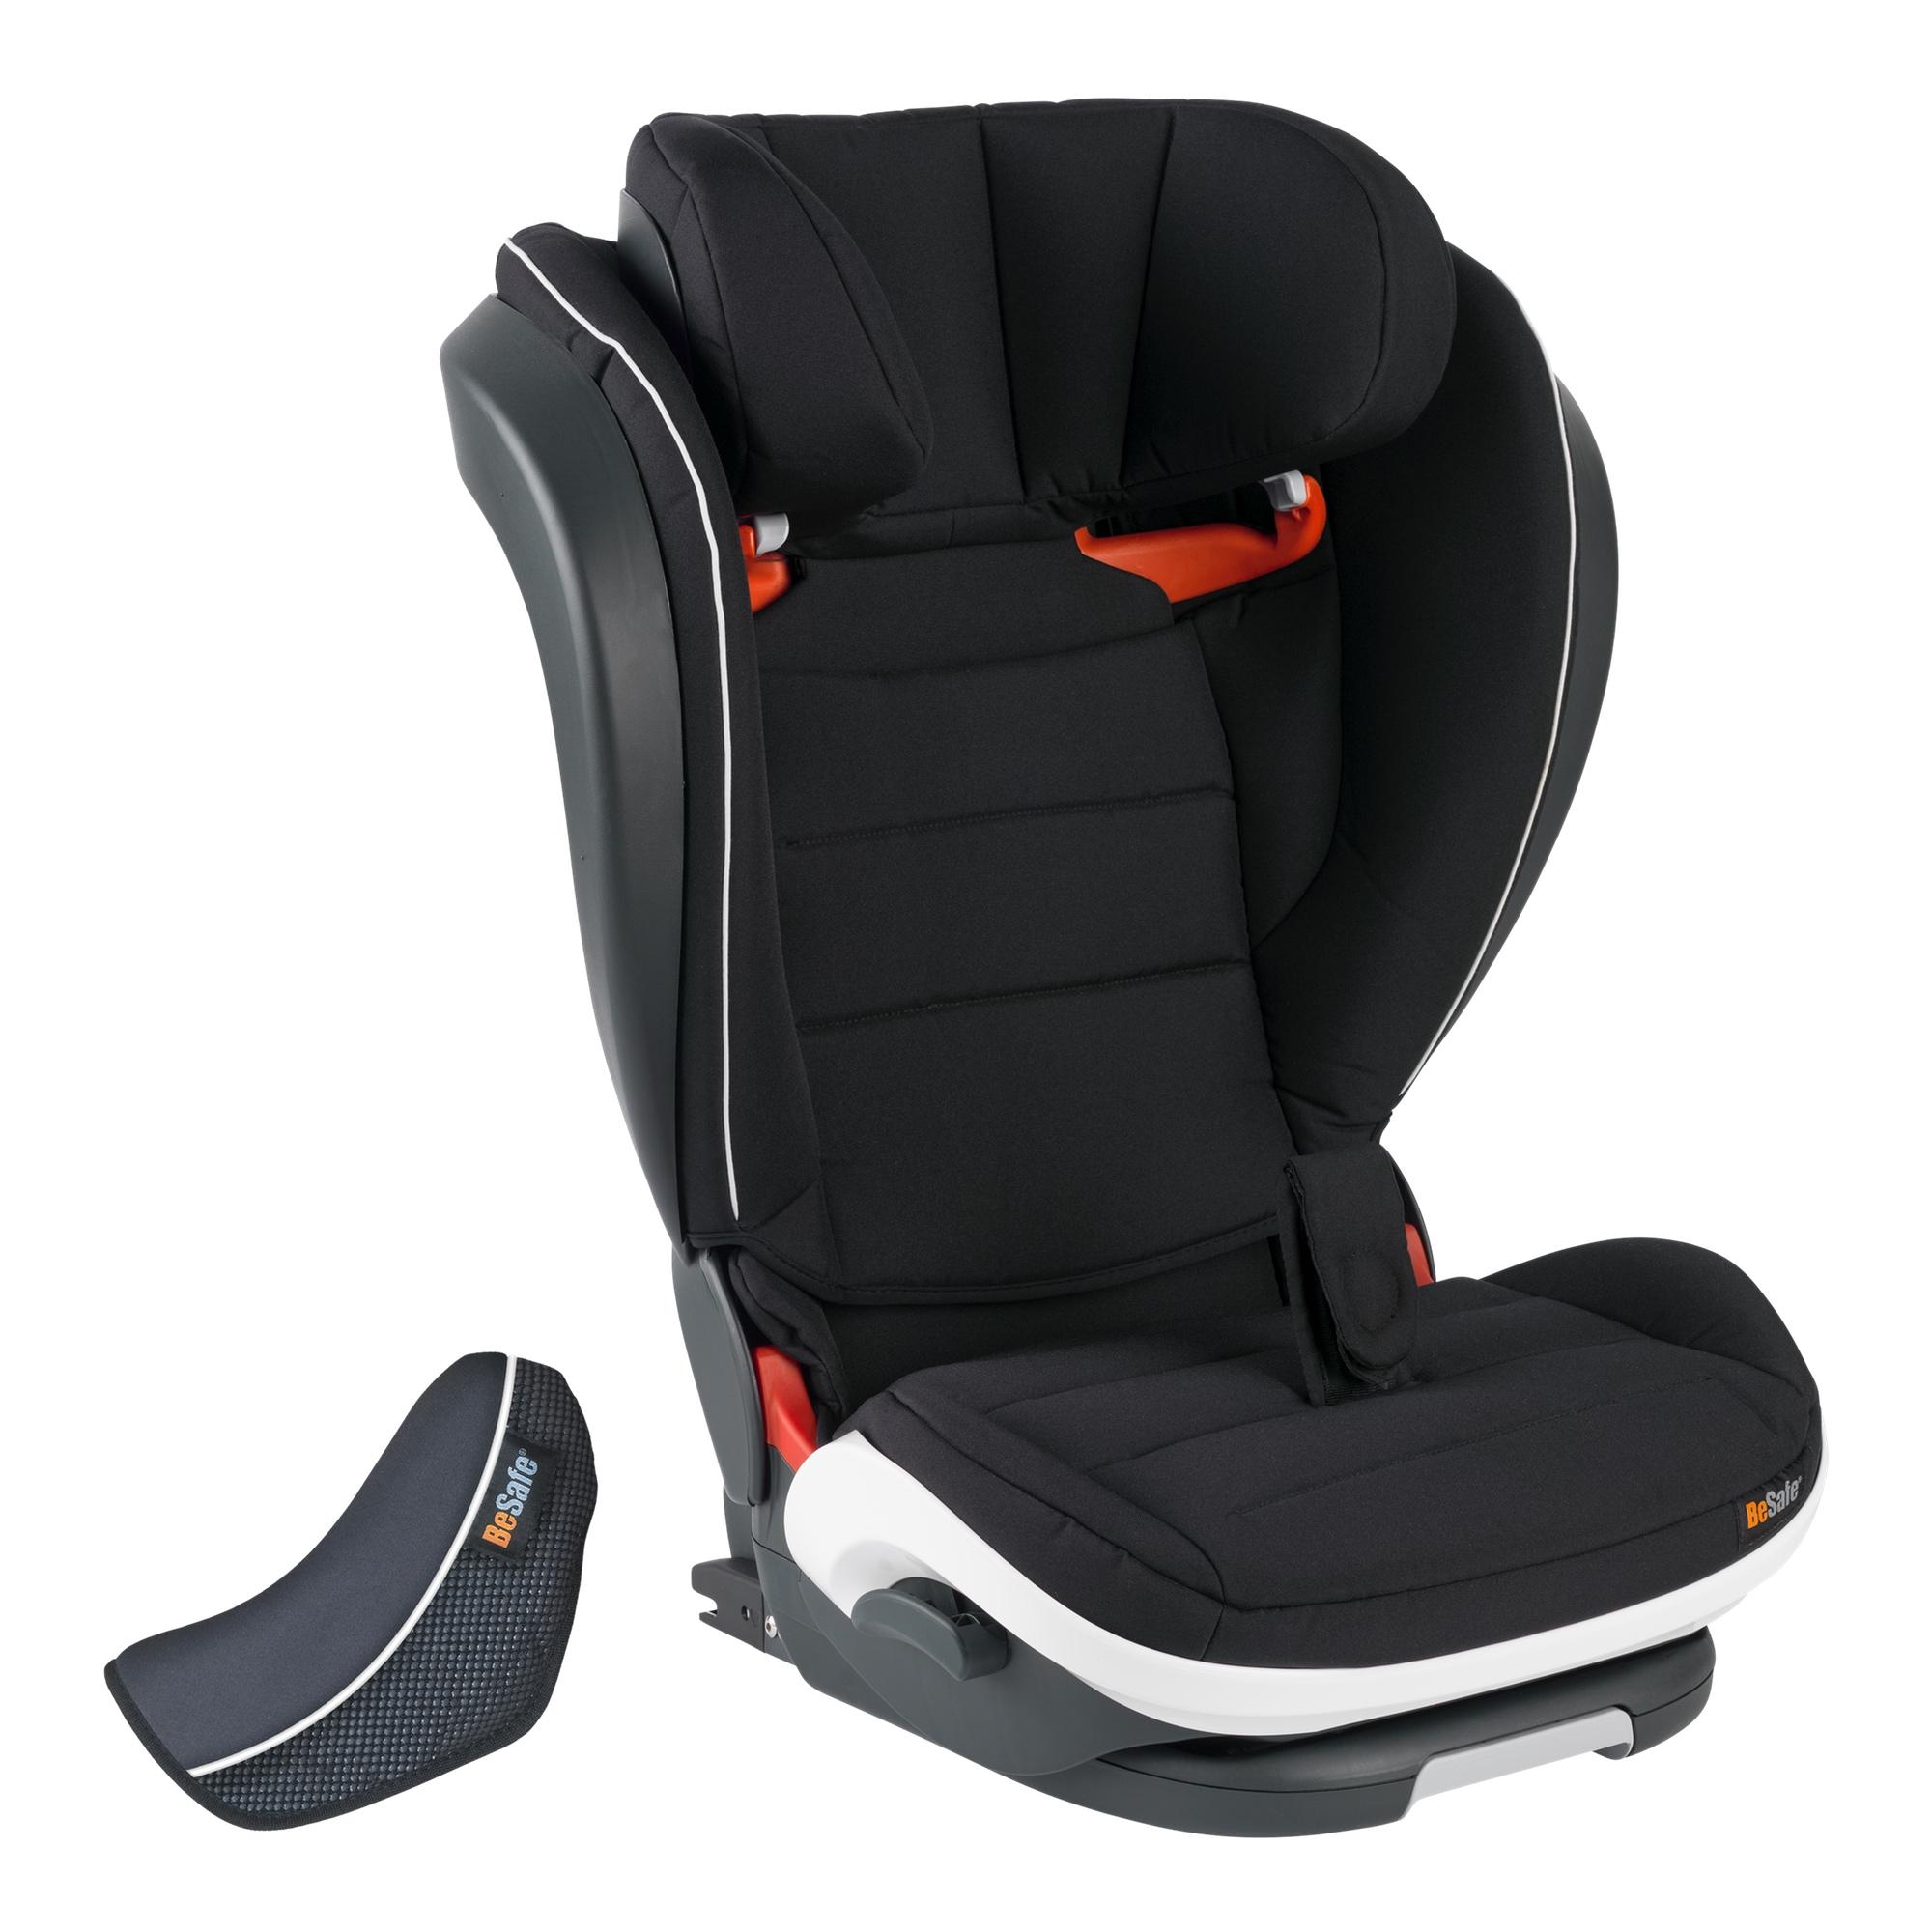 sichere kindersitze 15 36kg die zwergperten schweiz babyschalen reboarder kindersitze. Black Bedroom Furniture Sets. Home Design Ideas